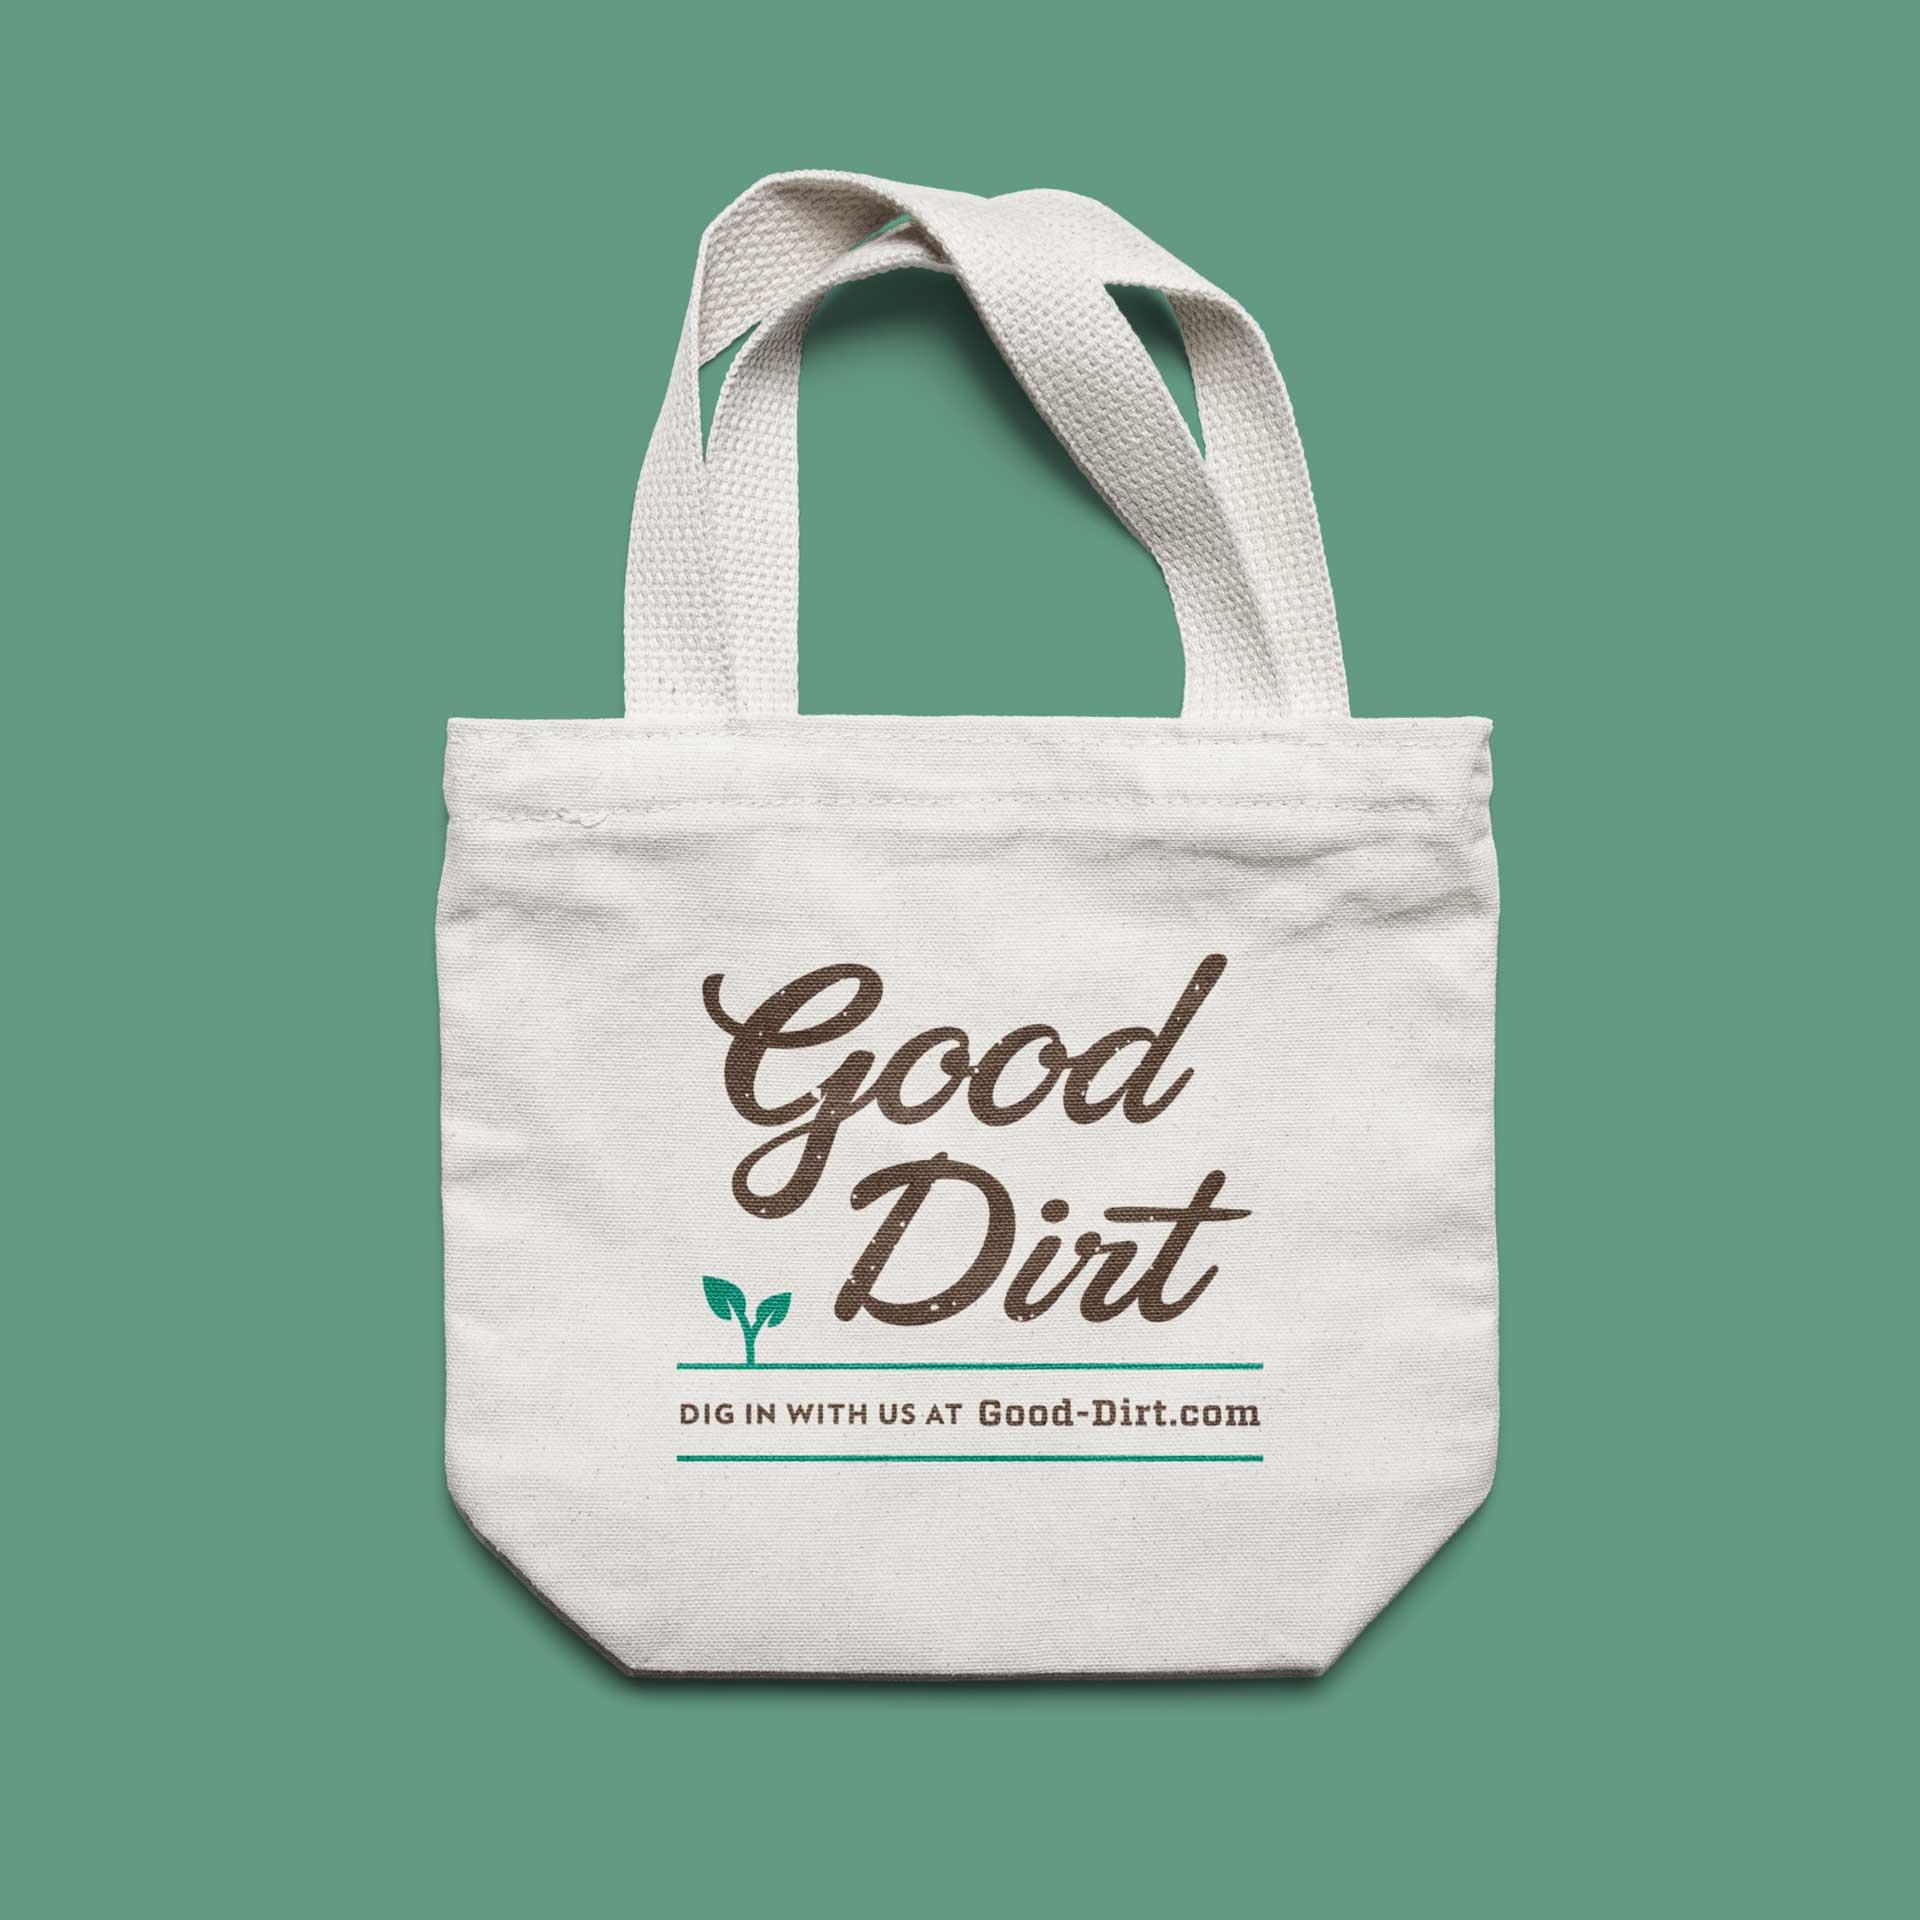 Good Dirt canvas bag mockup